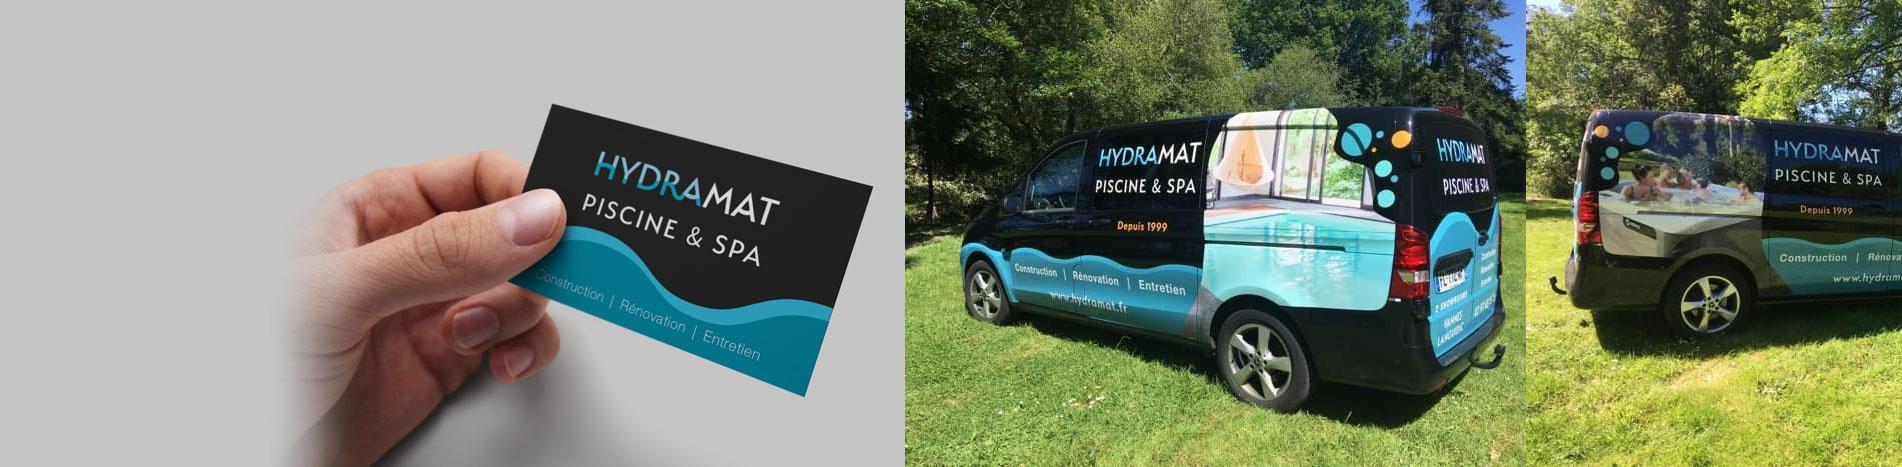 Hydramat piscines et spa